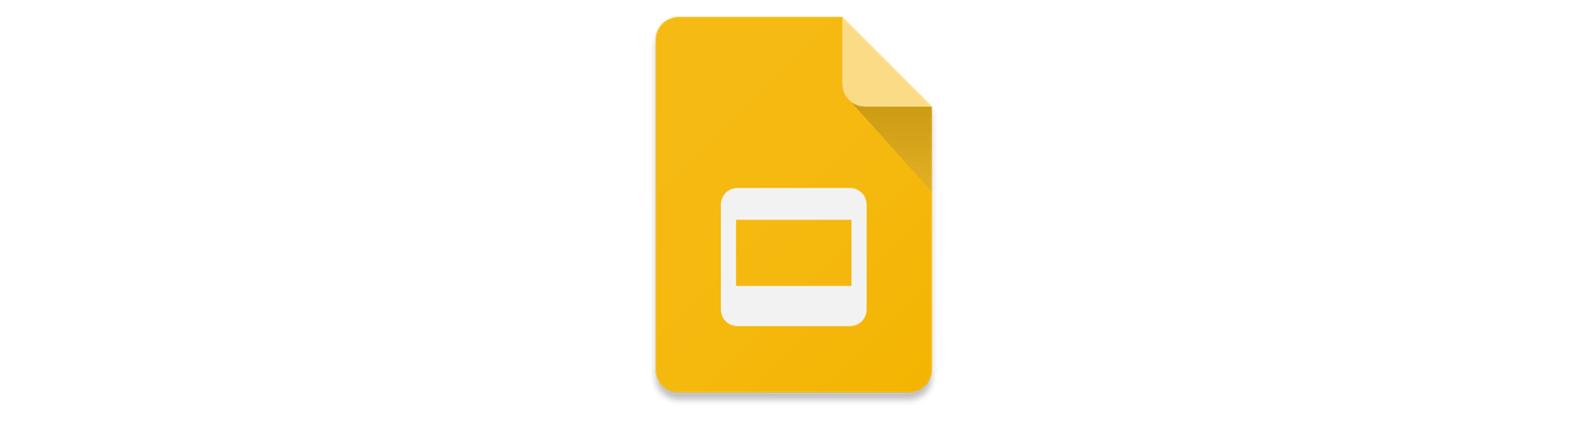 Logo for Google Slides